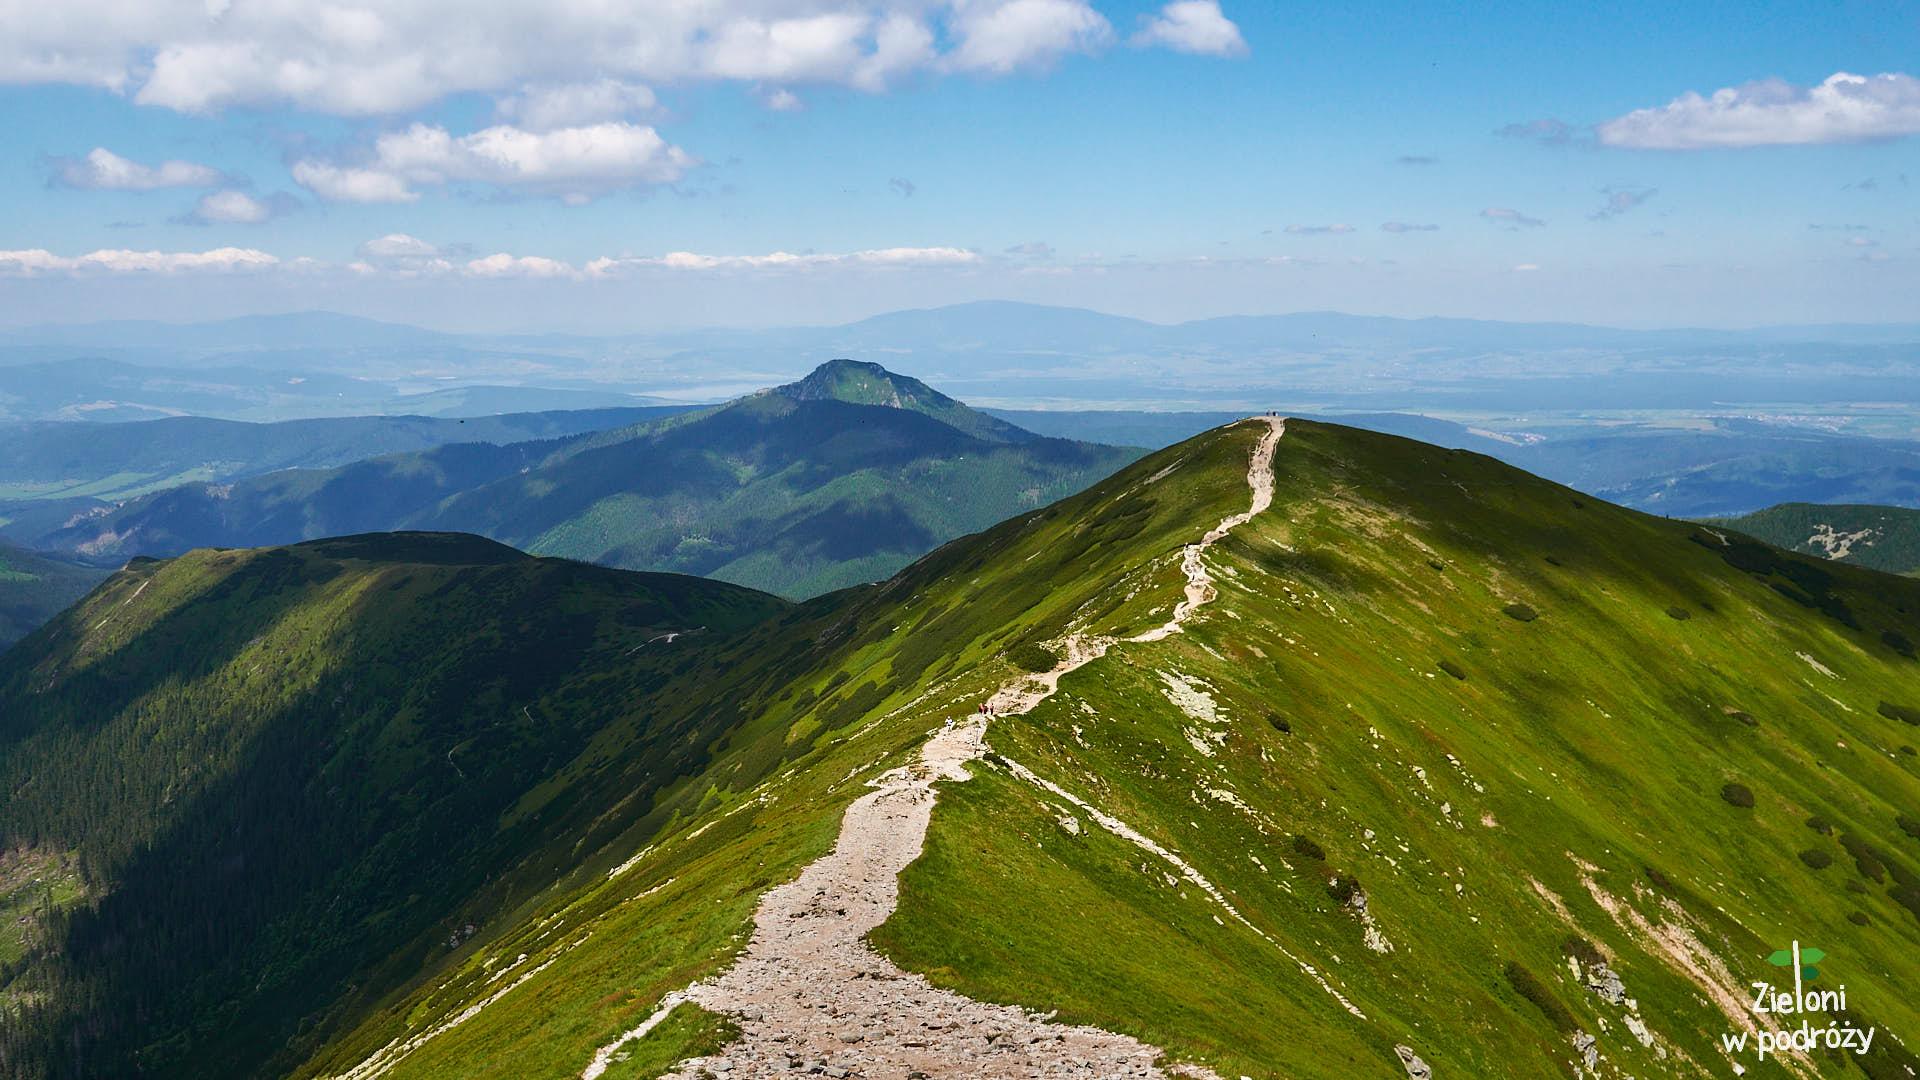 Na pierwszym planie Rakoń, po lewej stronie kadru Osobita, a w tle Babia Góra odległa o ponad 40 kilometrów.